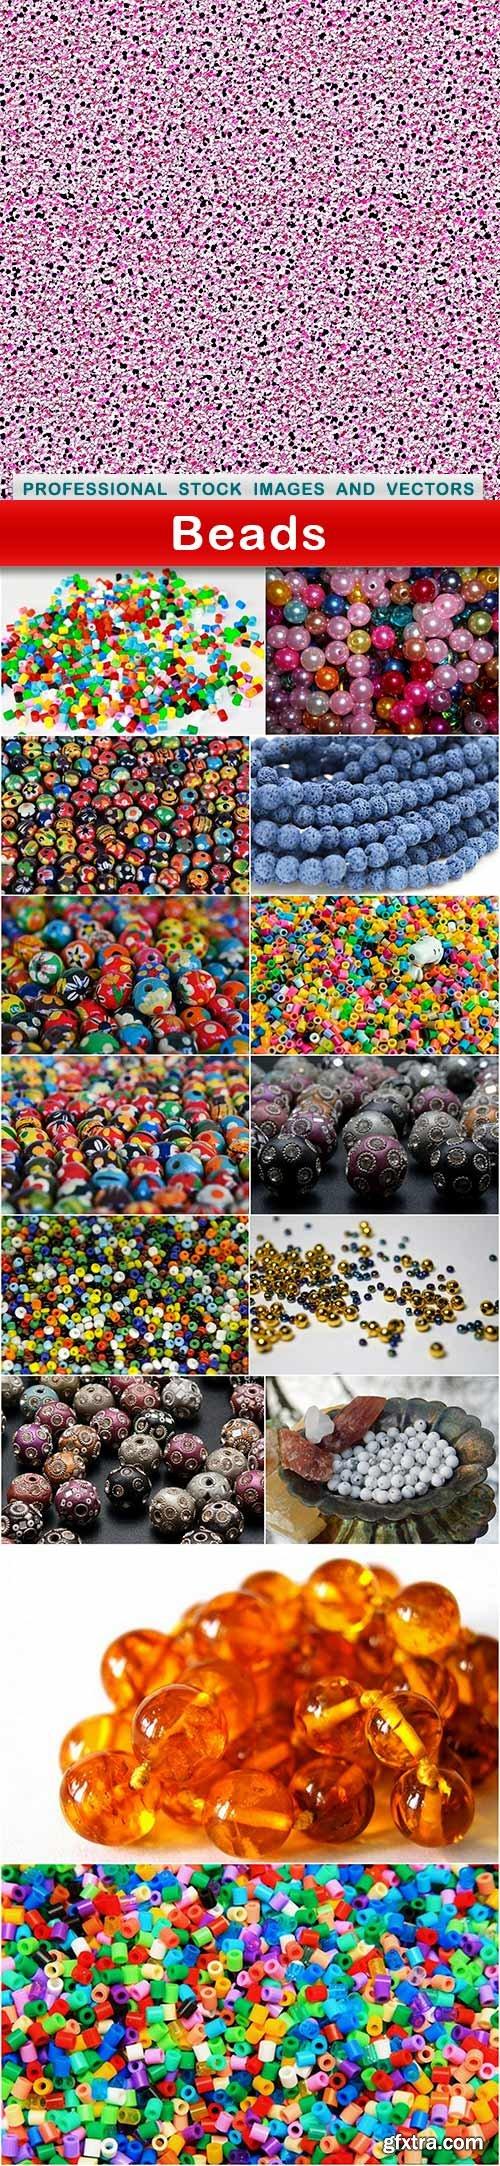 Beads - 15 UHQ JPEG